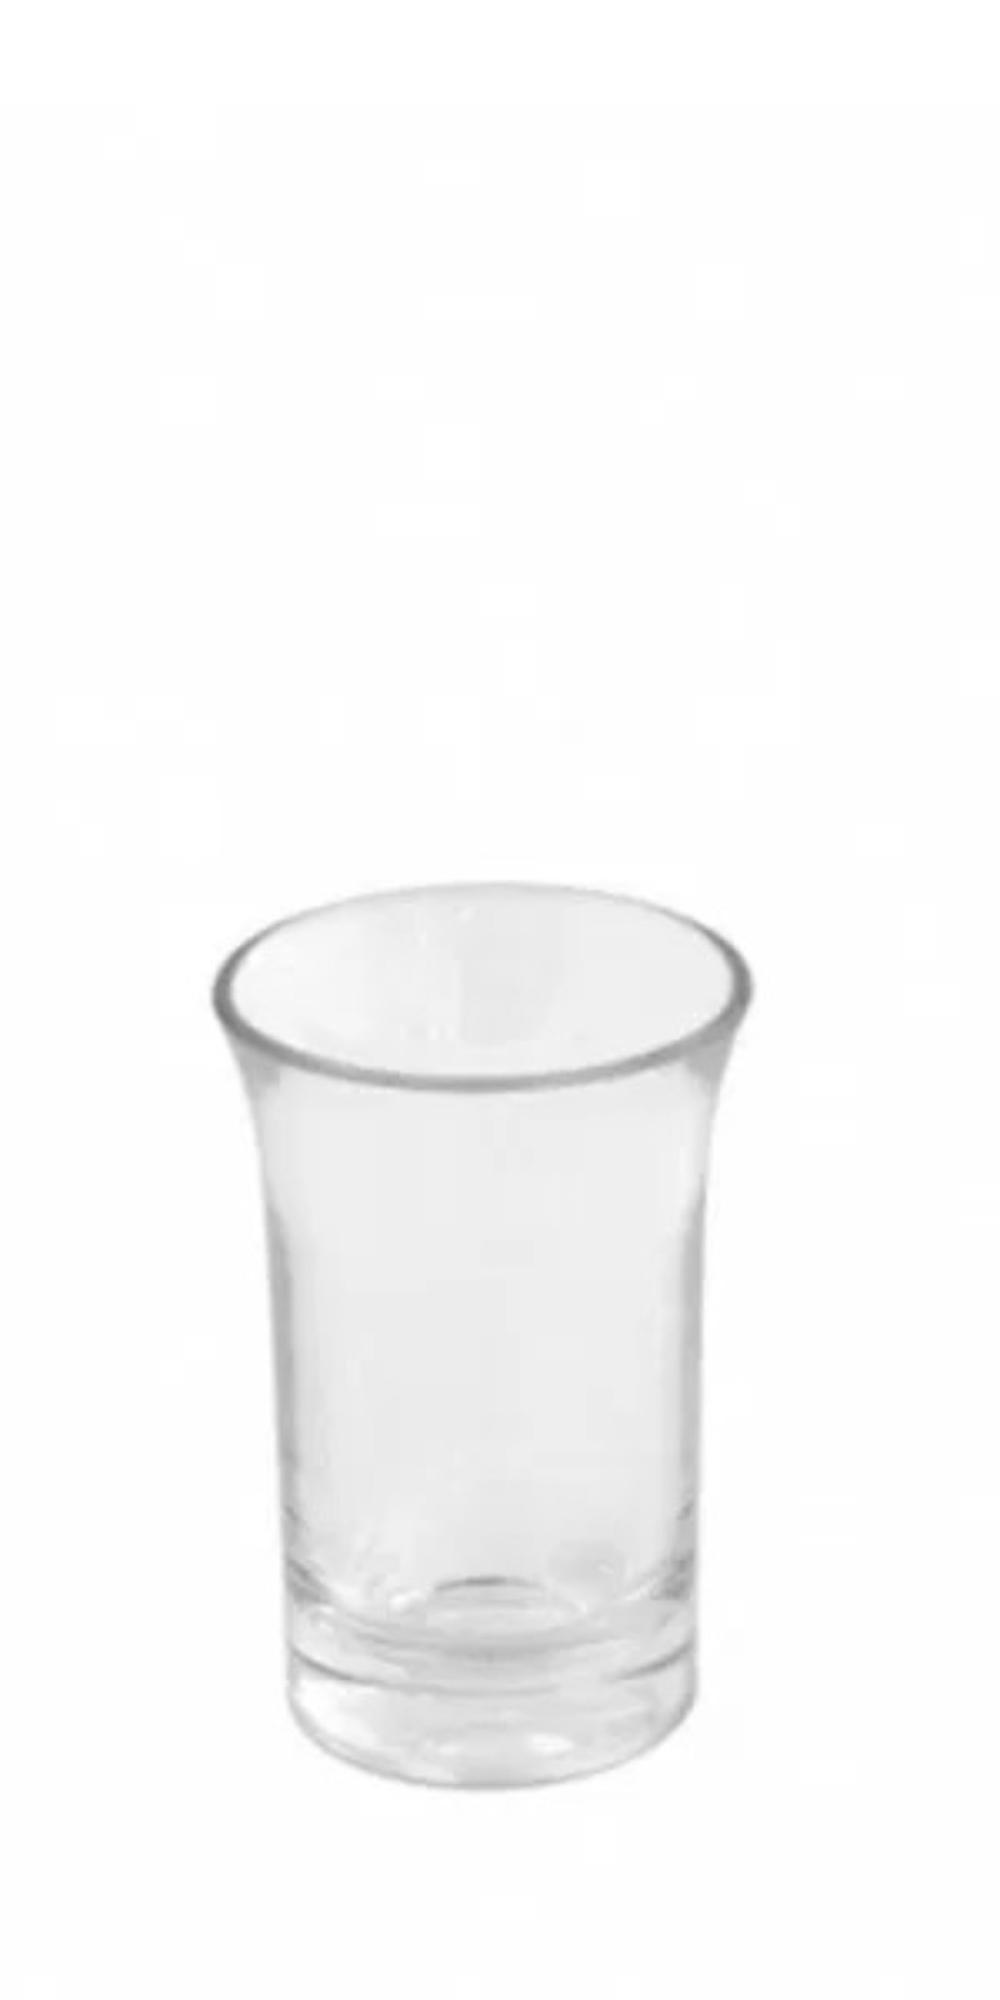 BORGO FORTE JUNIOR SHOT GLASS 3.5CL